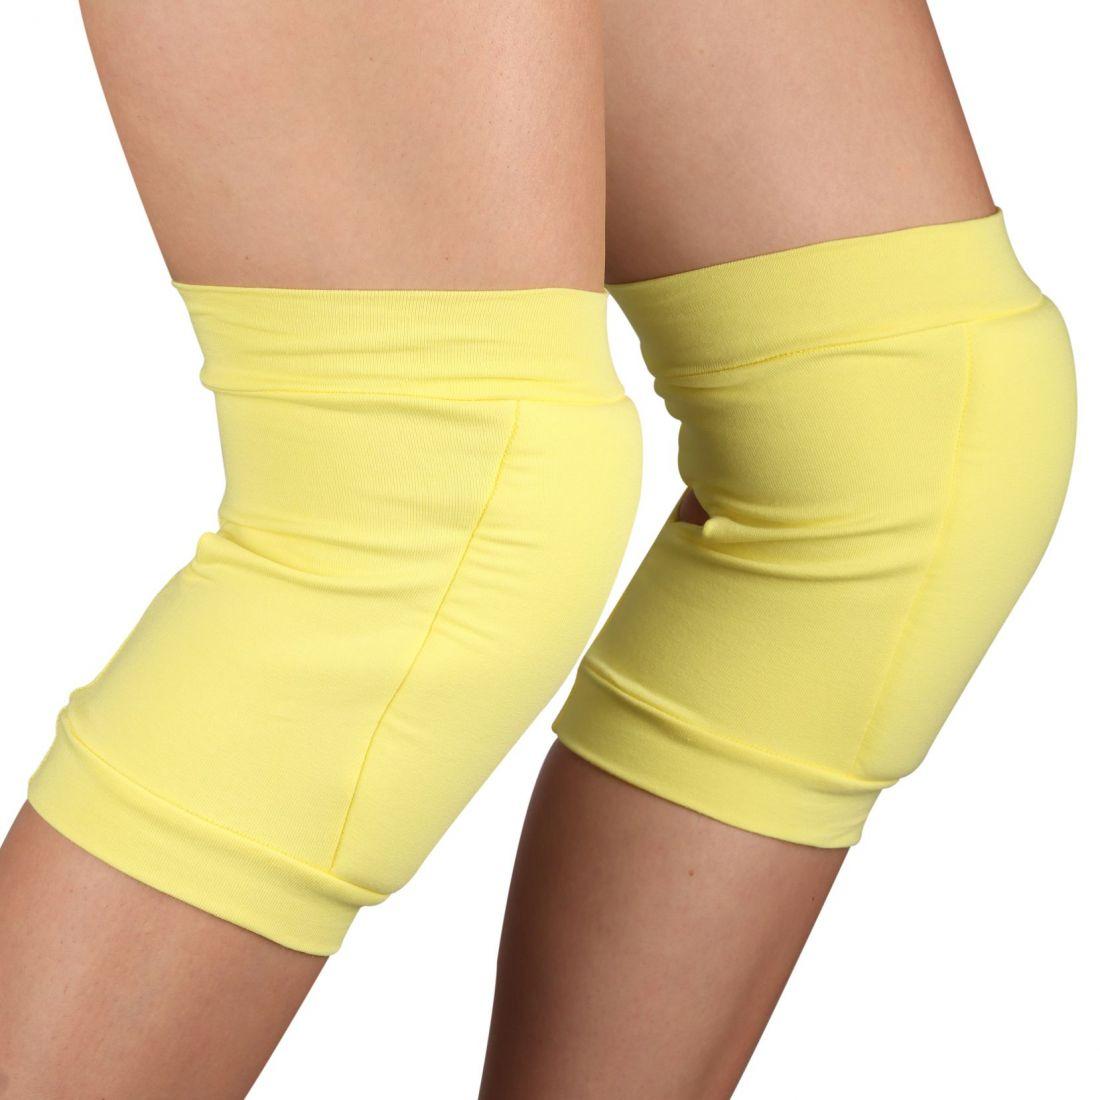 Наколенники для гимнастики и танцев INDIGO SM-113 хлопок желтые